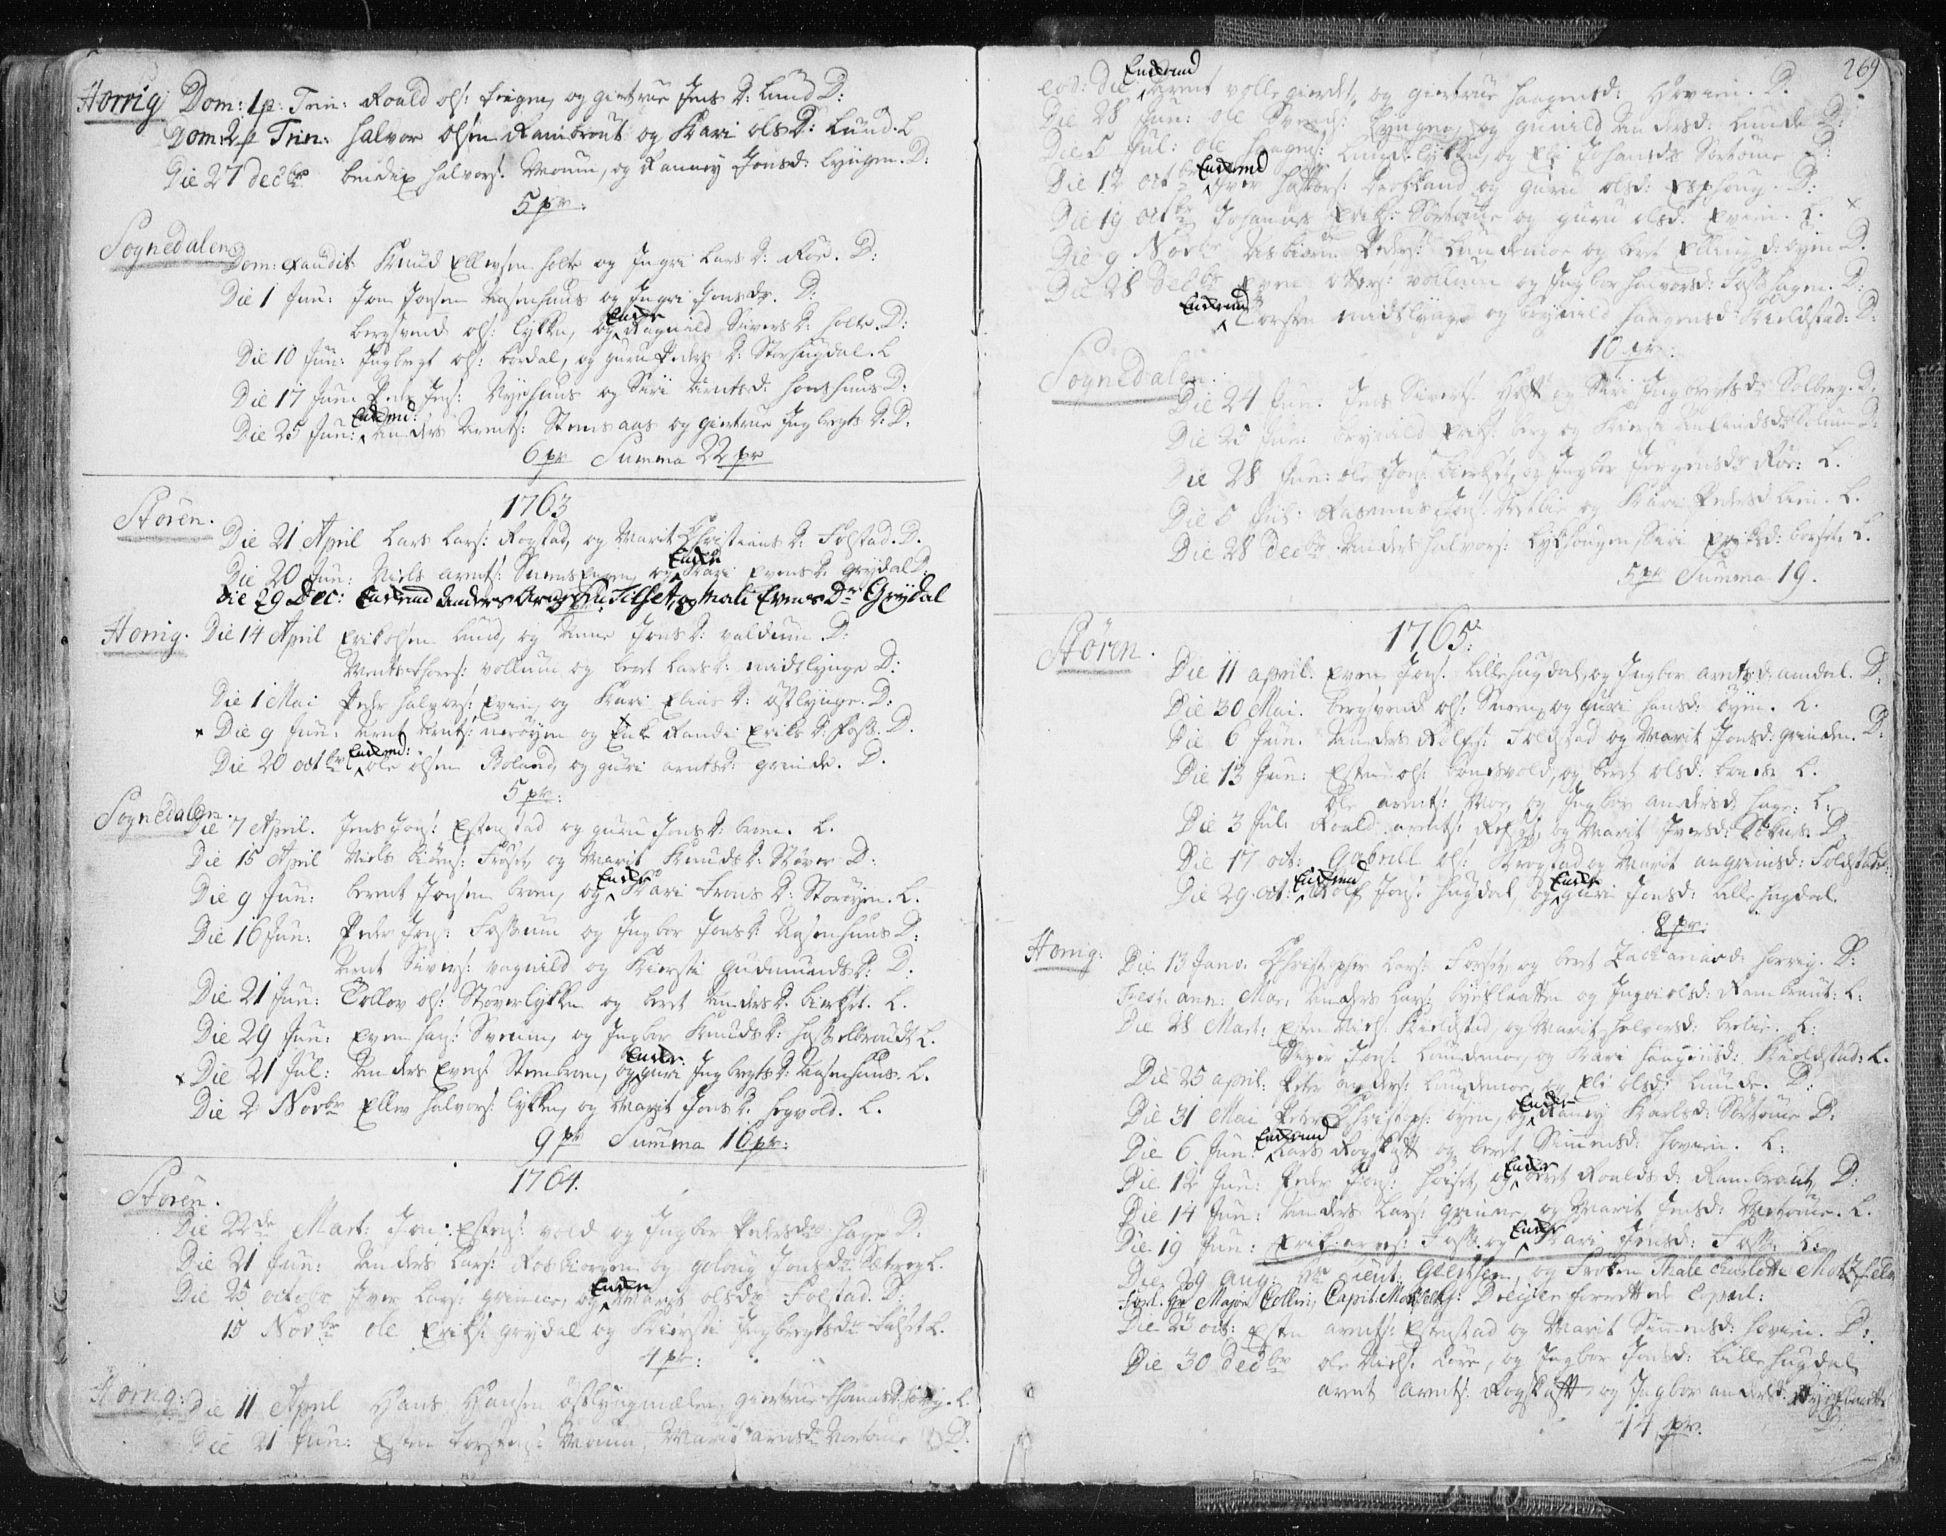 SAT, Ministerialprotokoller, klokkerbøker og fødselsregistre - Sør-Trøndelag, 687/L0991: Ministerialbok nr. 687A02, 1747-1790, s. 269